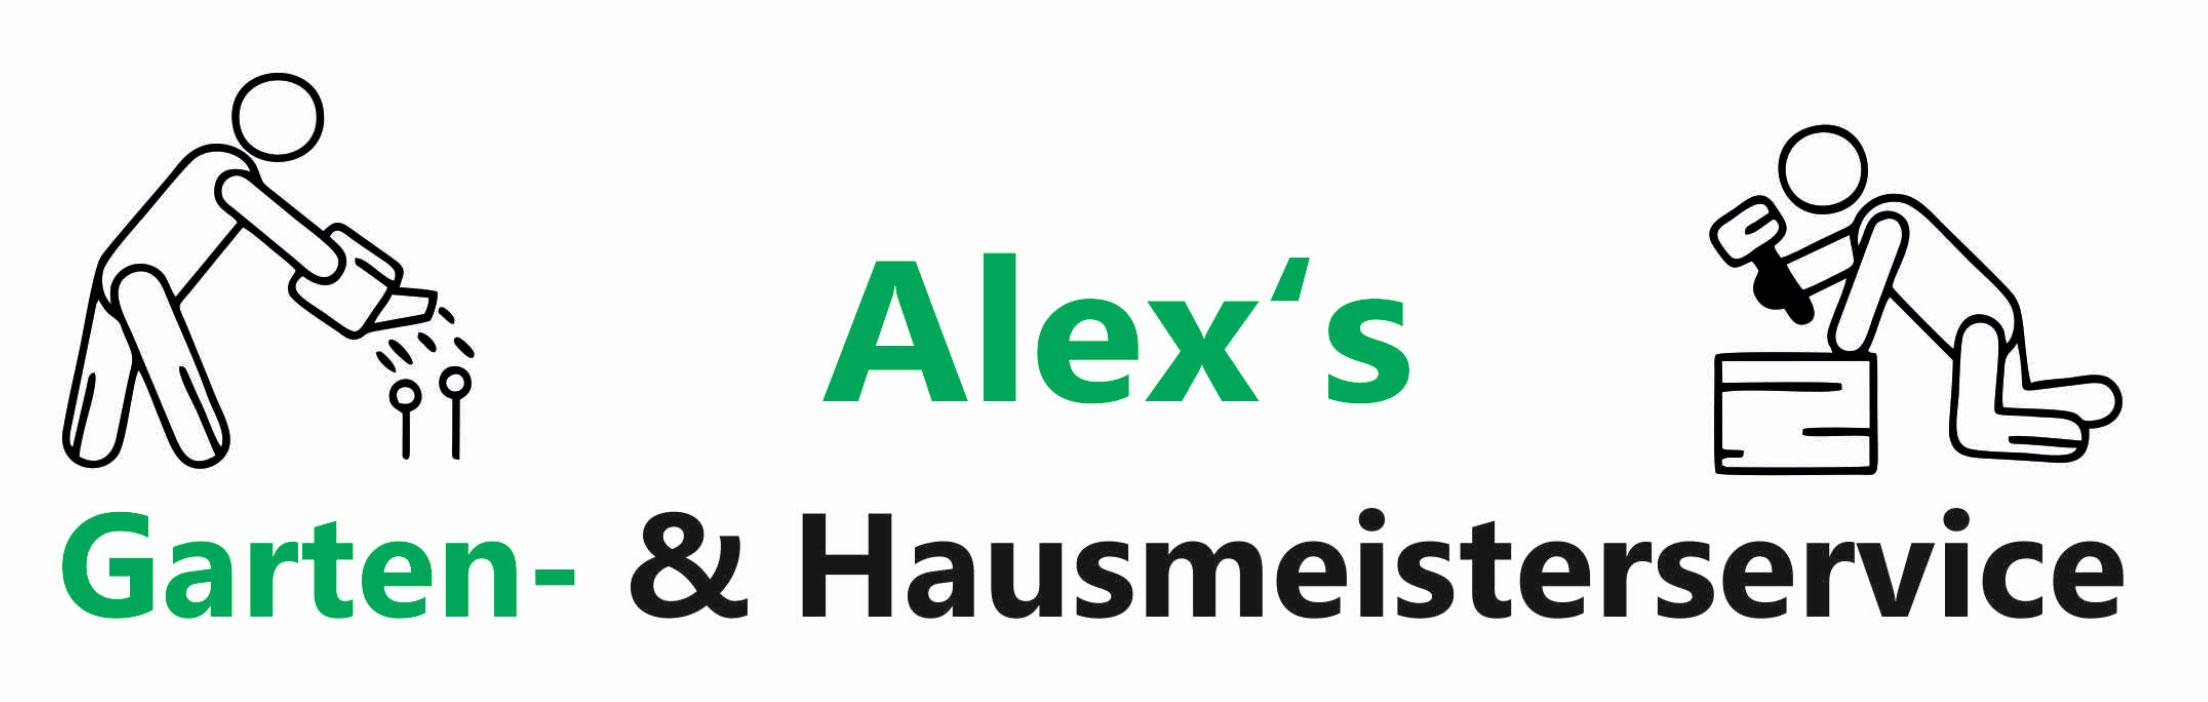 Alex's Garten & Hausmeisterservice